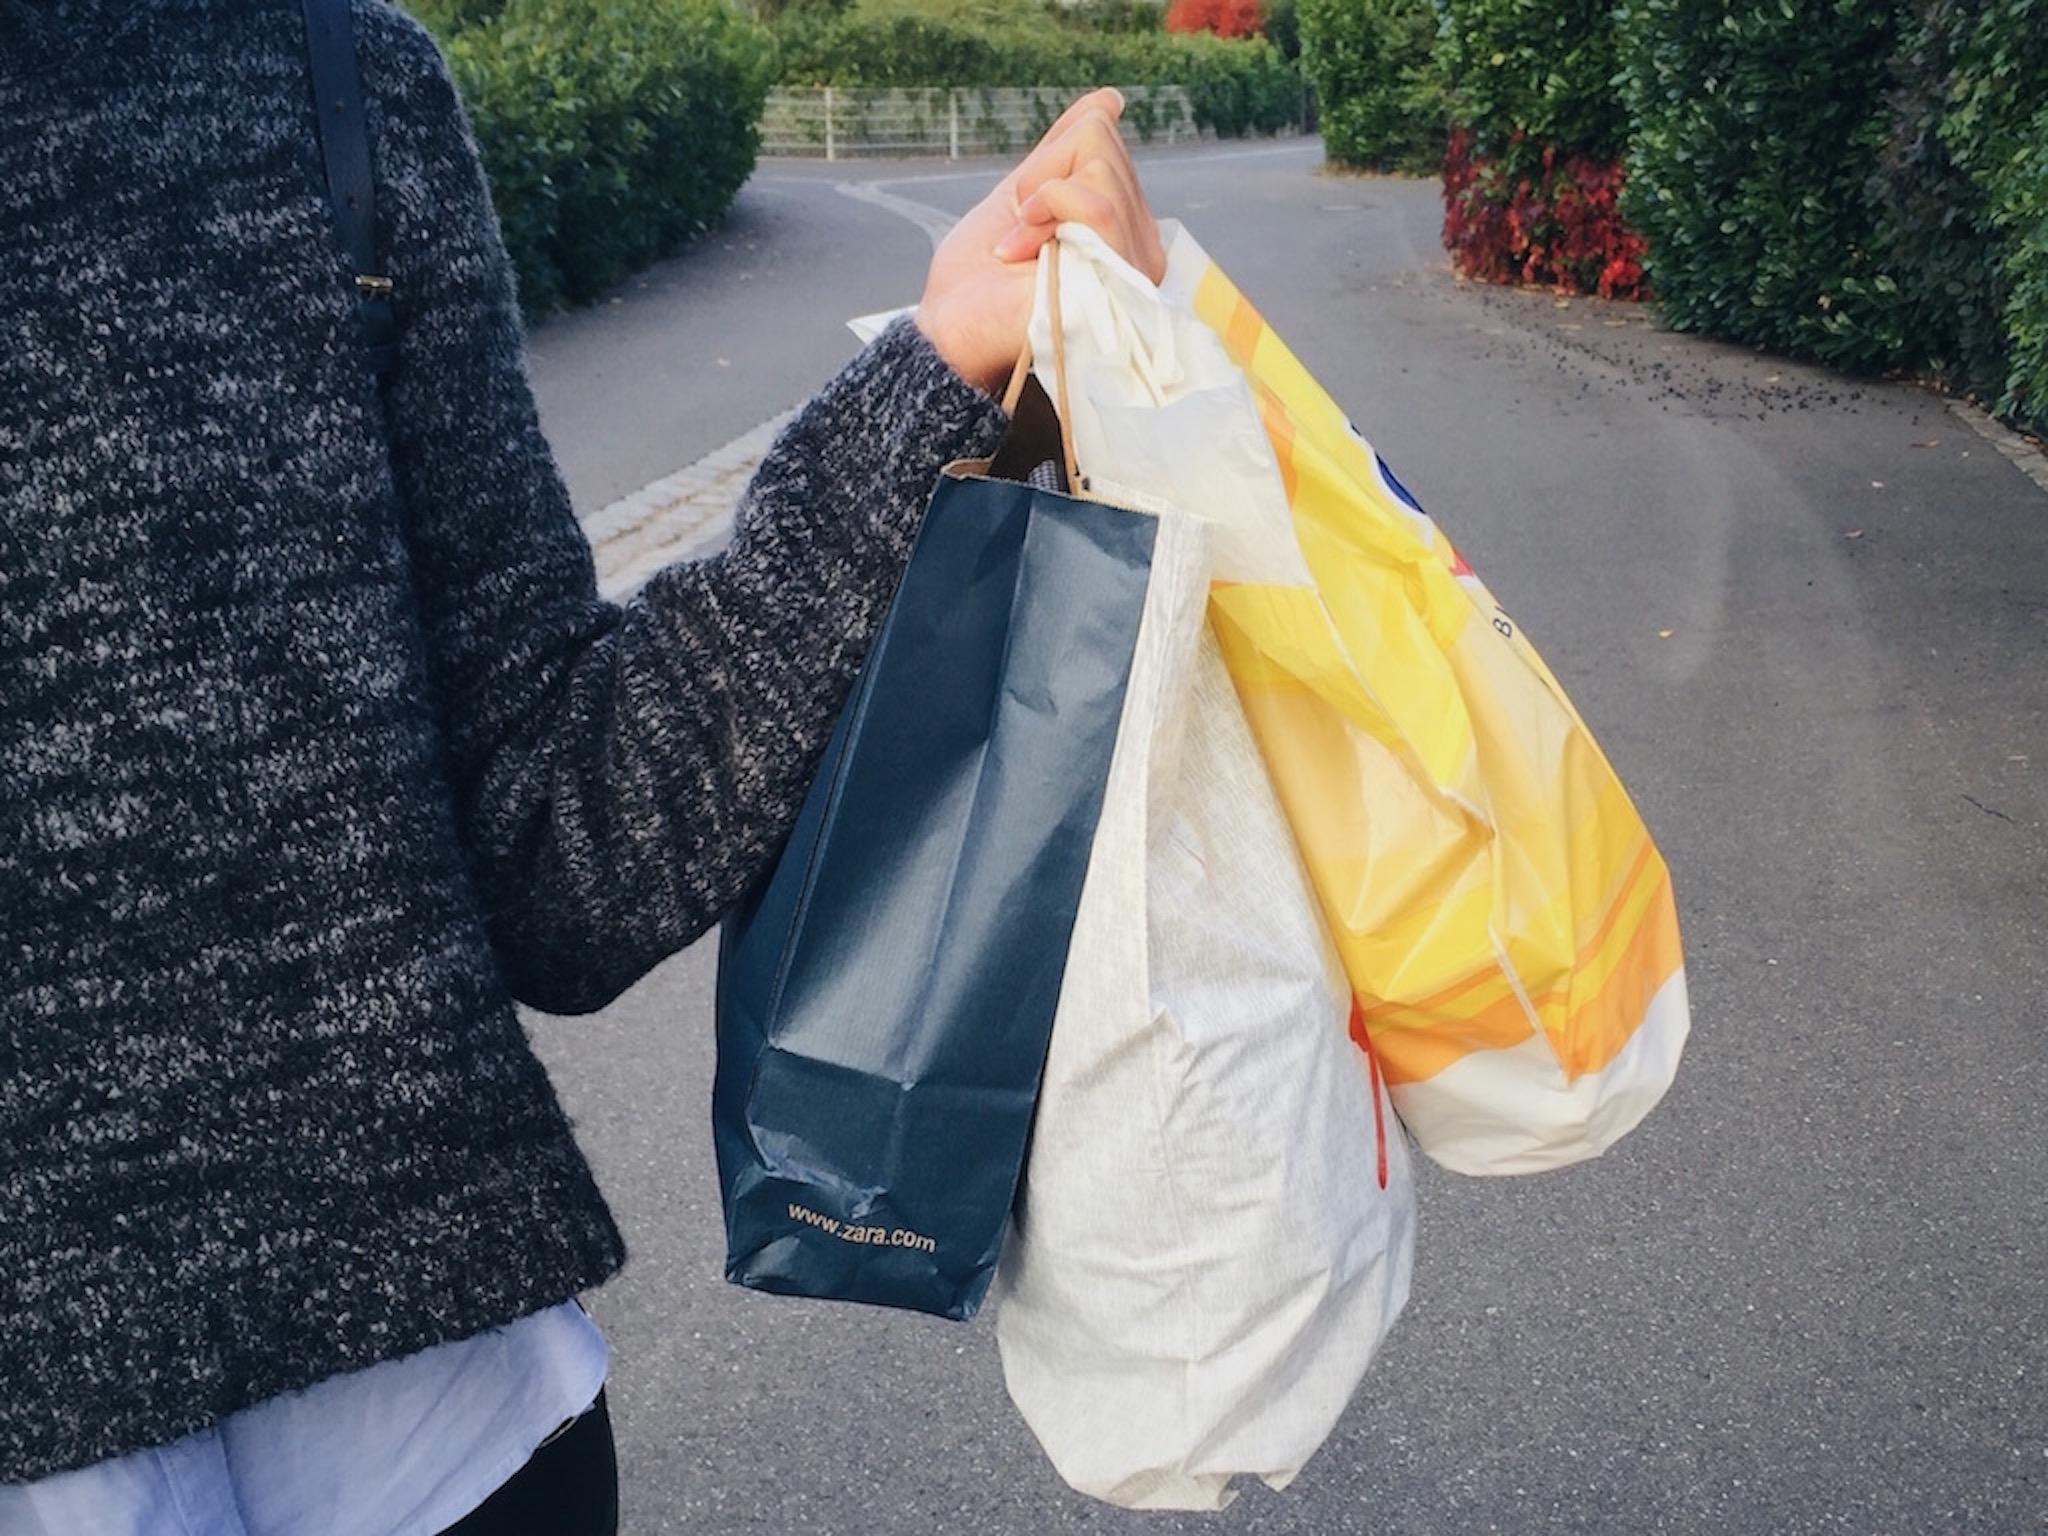 Shoppingtüten. Symbolfoto: Meliz Kaya